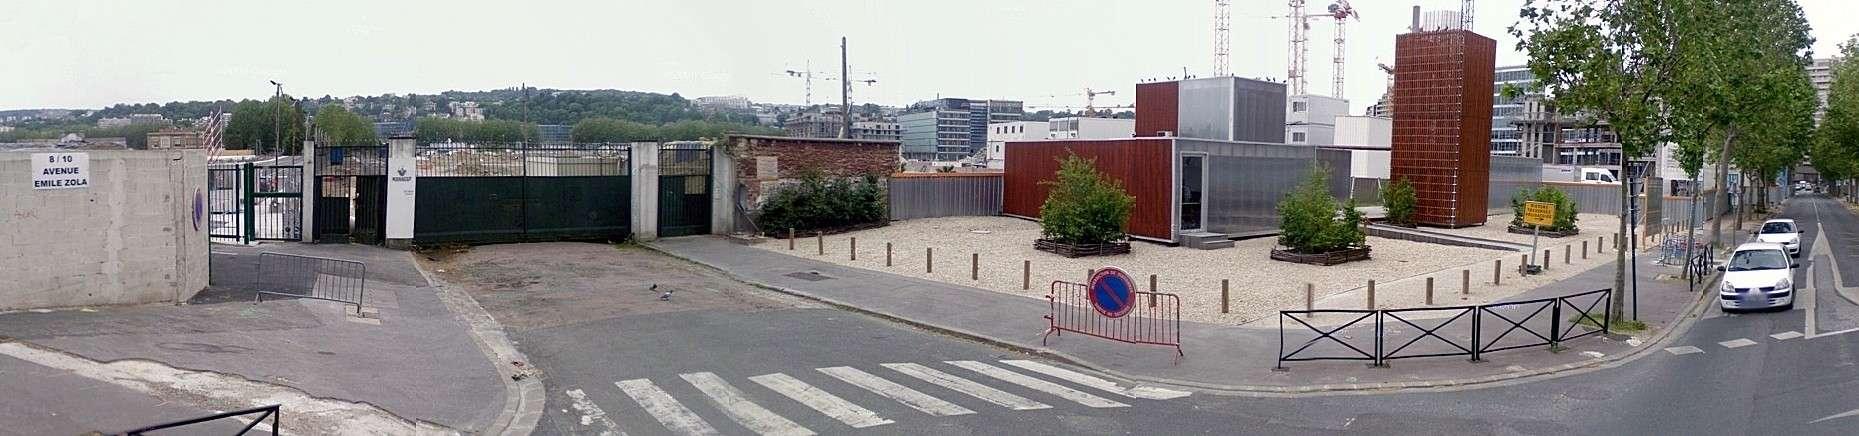 Avenue Emile Zola 2008-011